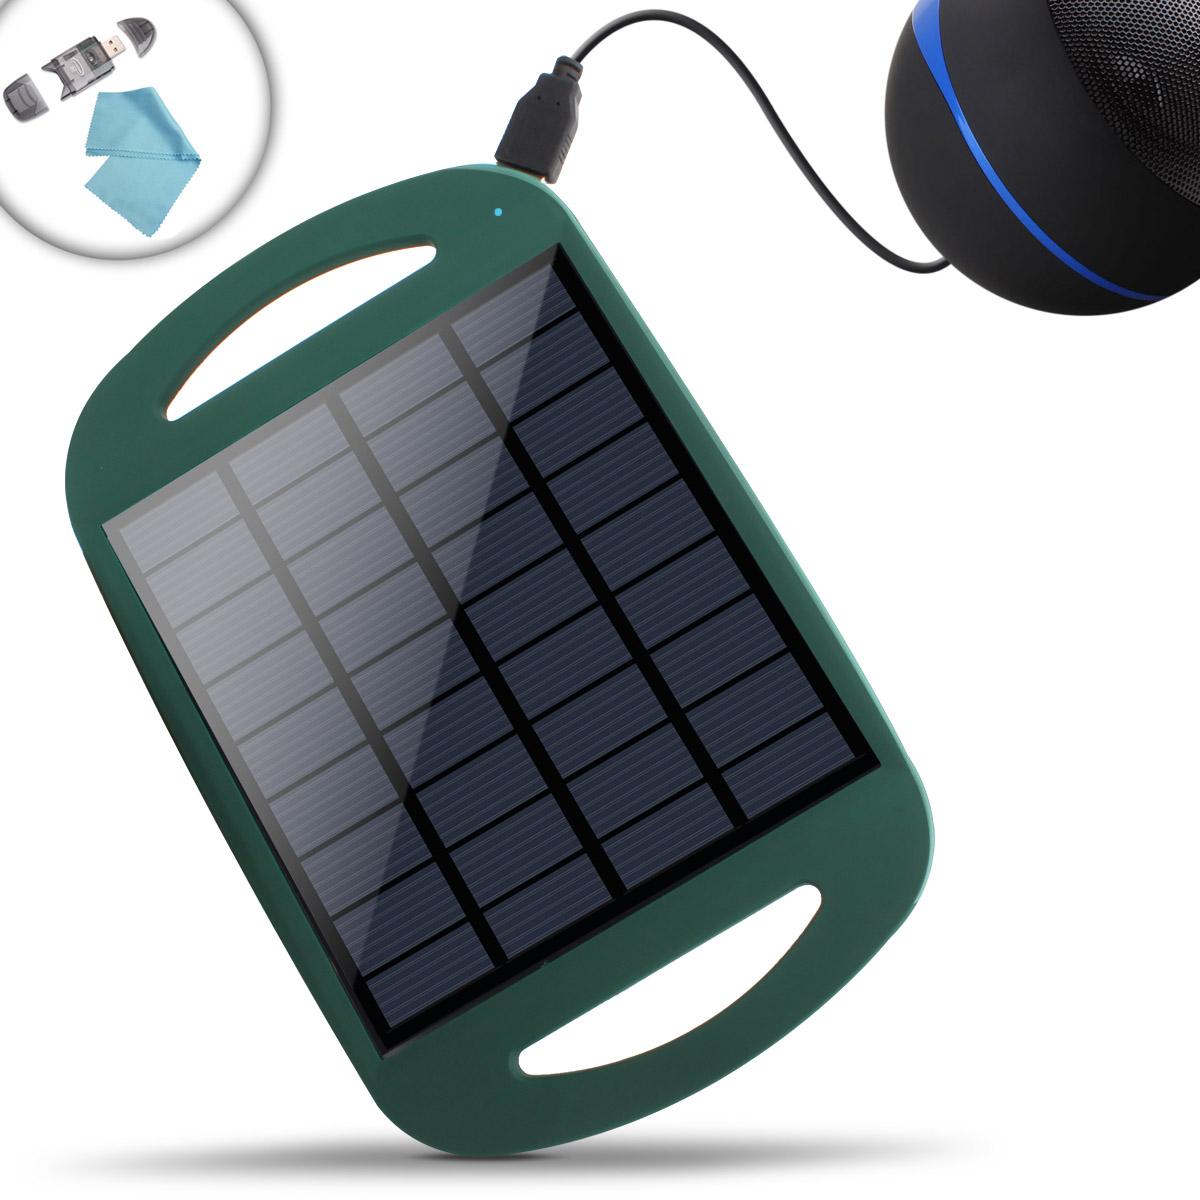 Revive Solar Restore Panel 360ma W Active Usb 5v Charging